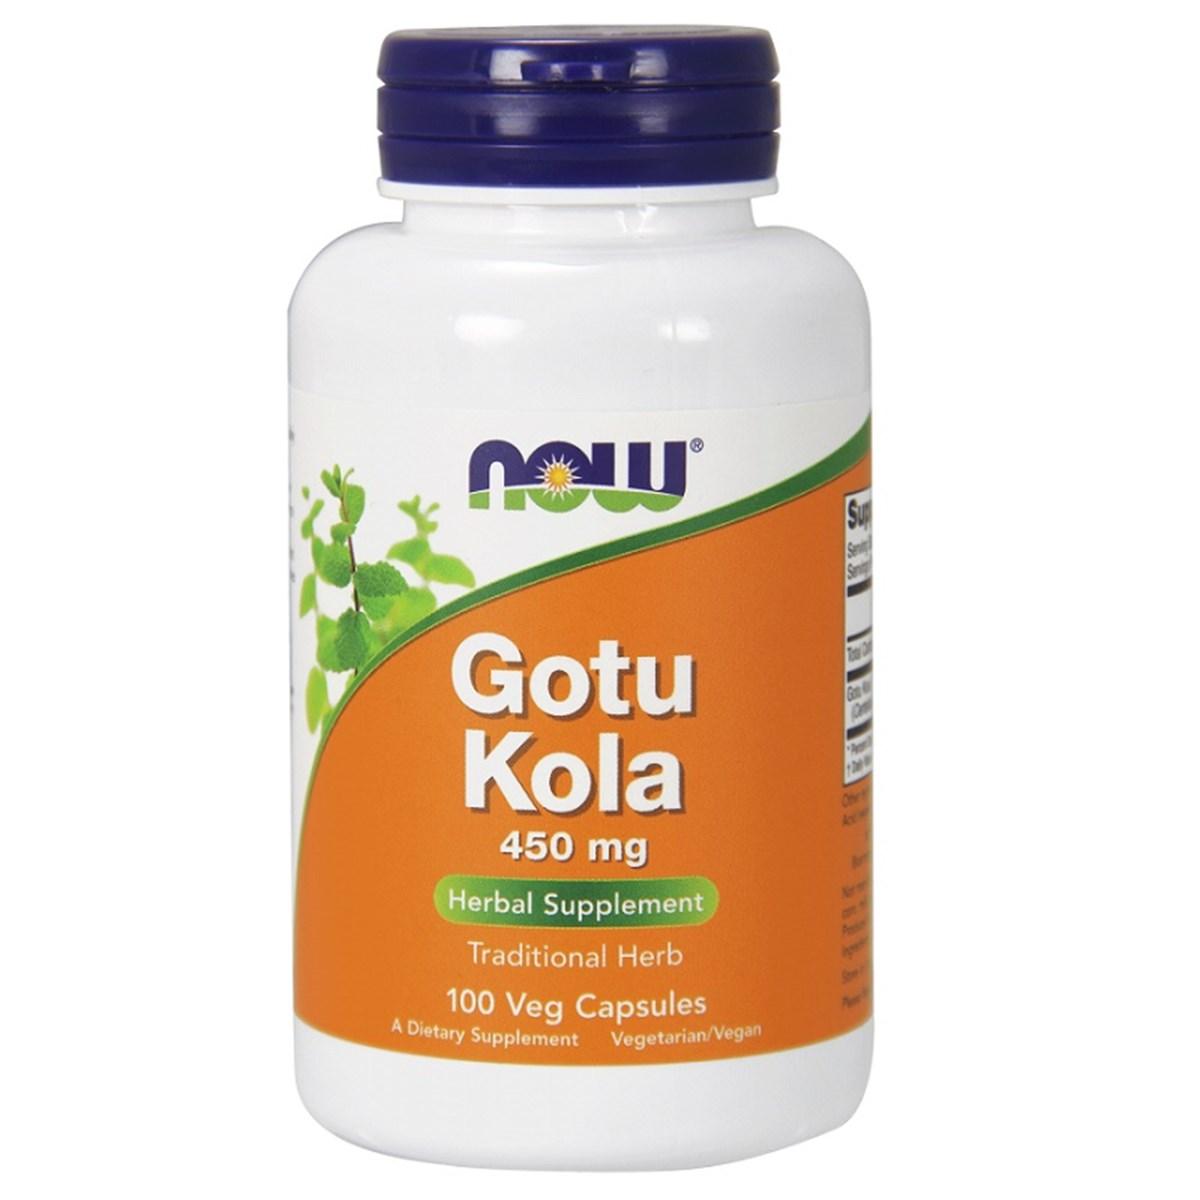 Gotu Kola